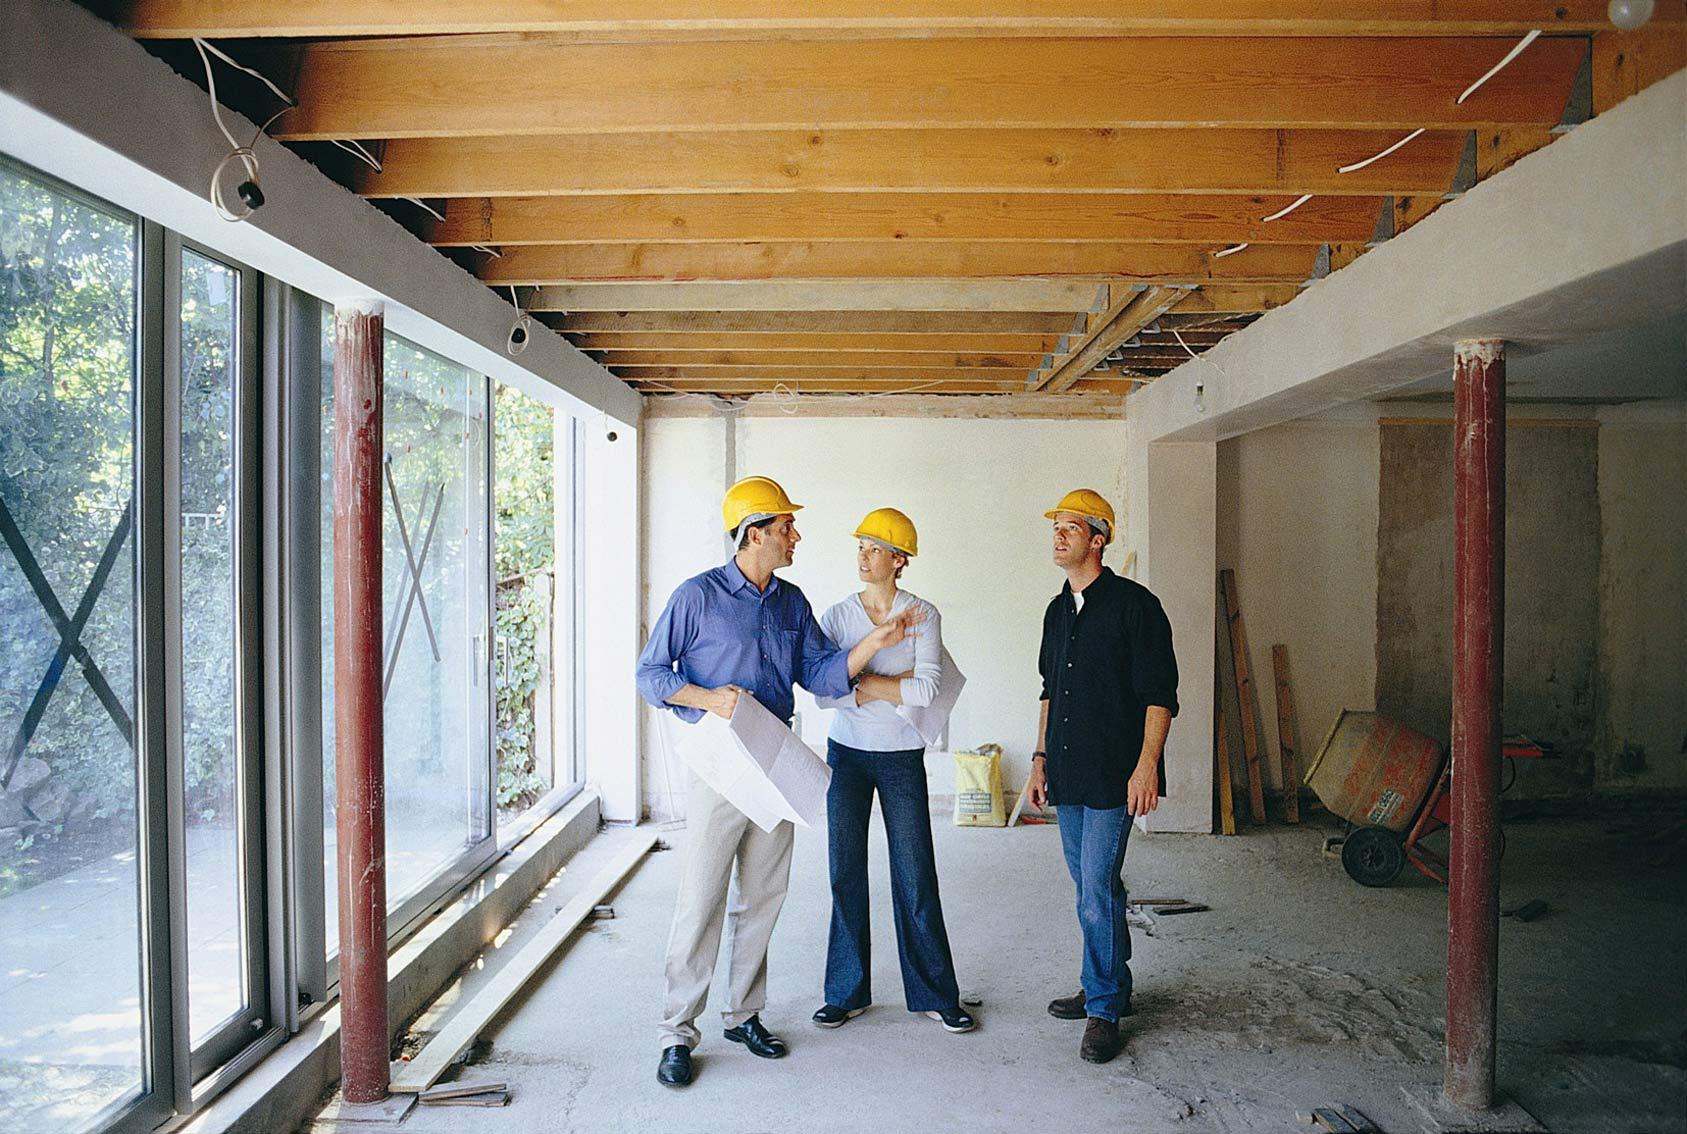 Преимущества сотрудничества во время ремонта квартиры со специализированной компанией